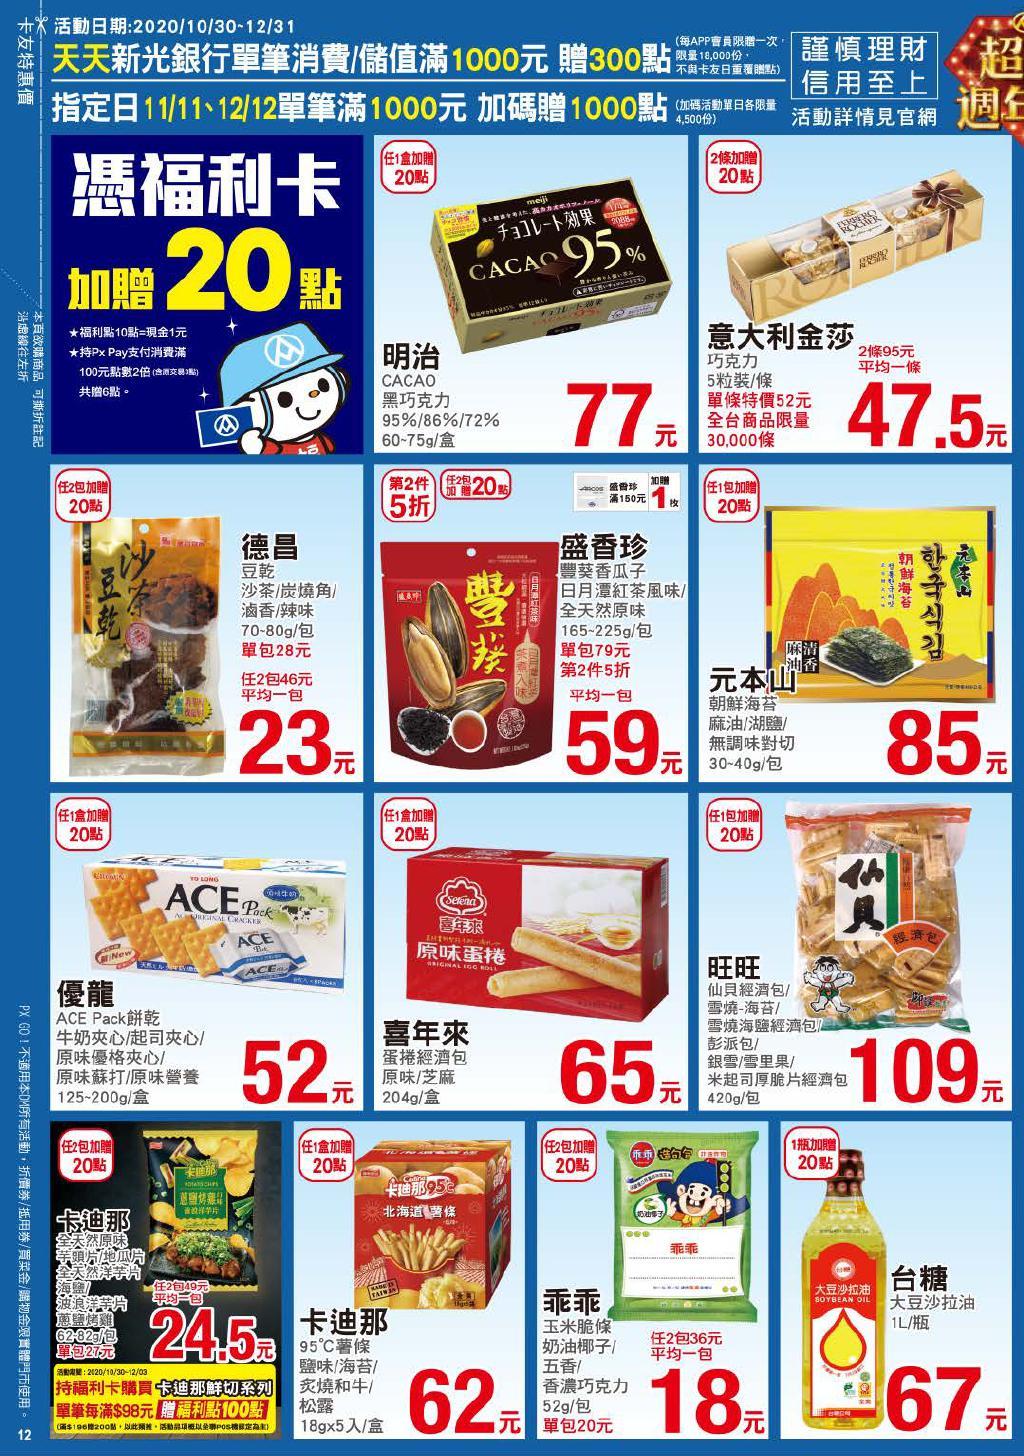 pxmart20201119_000012.jpg